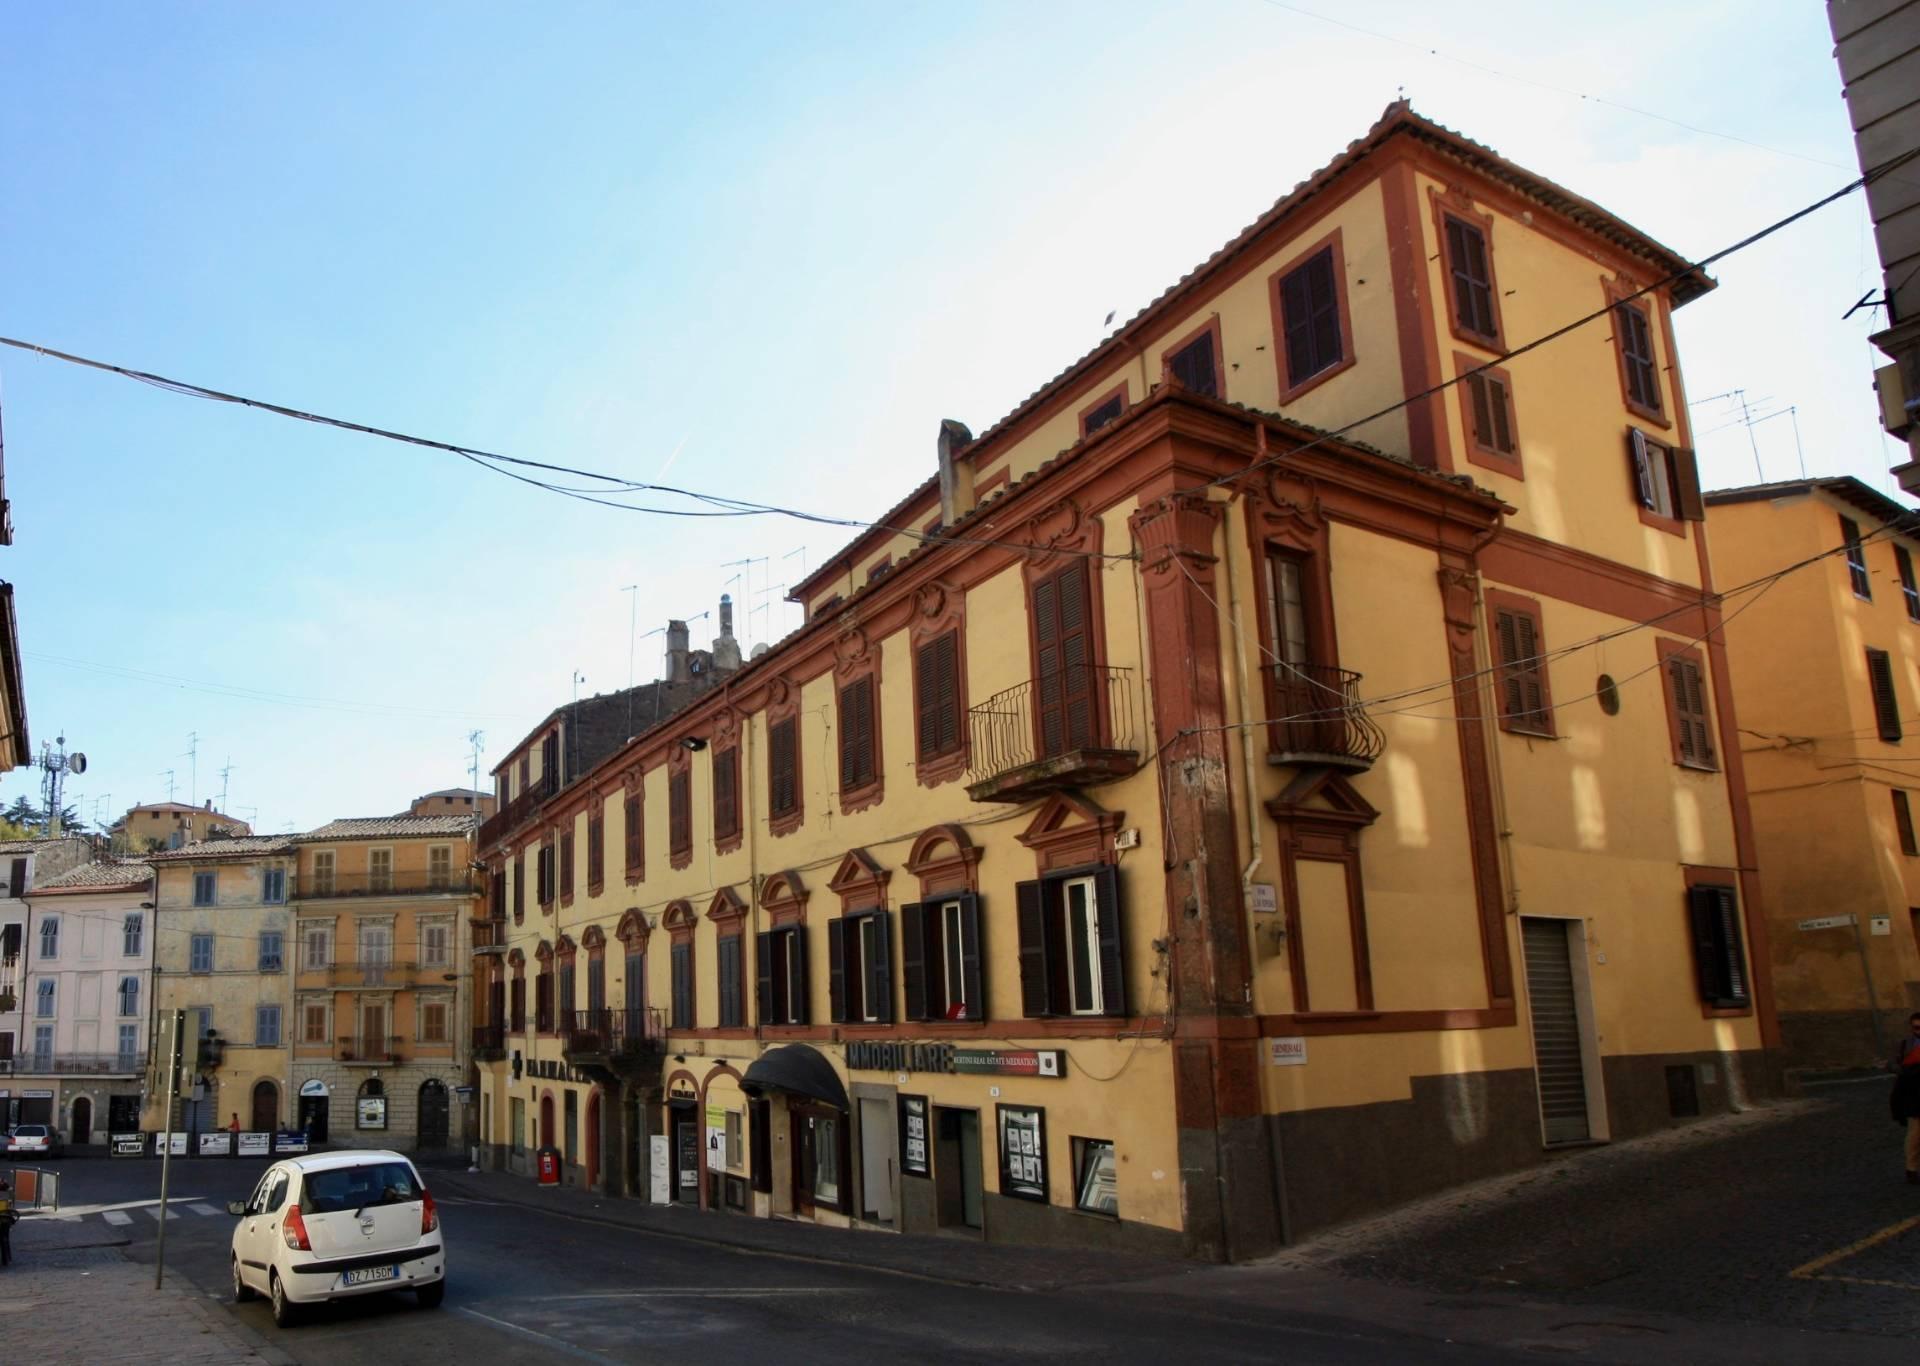 Appartamento in vendita a Ronciglione, 4 locali, zona Località: centrale, prezzo € 85.000   CambioCasa.it